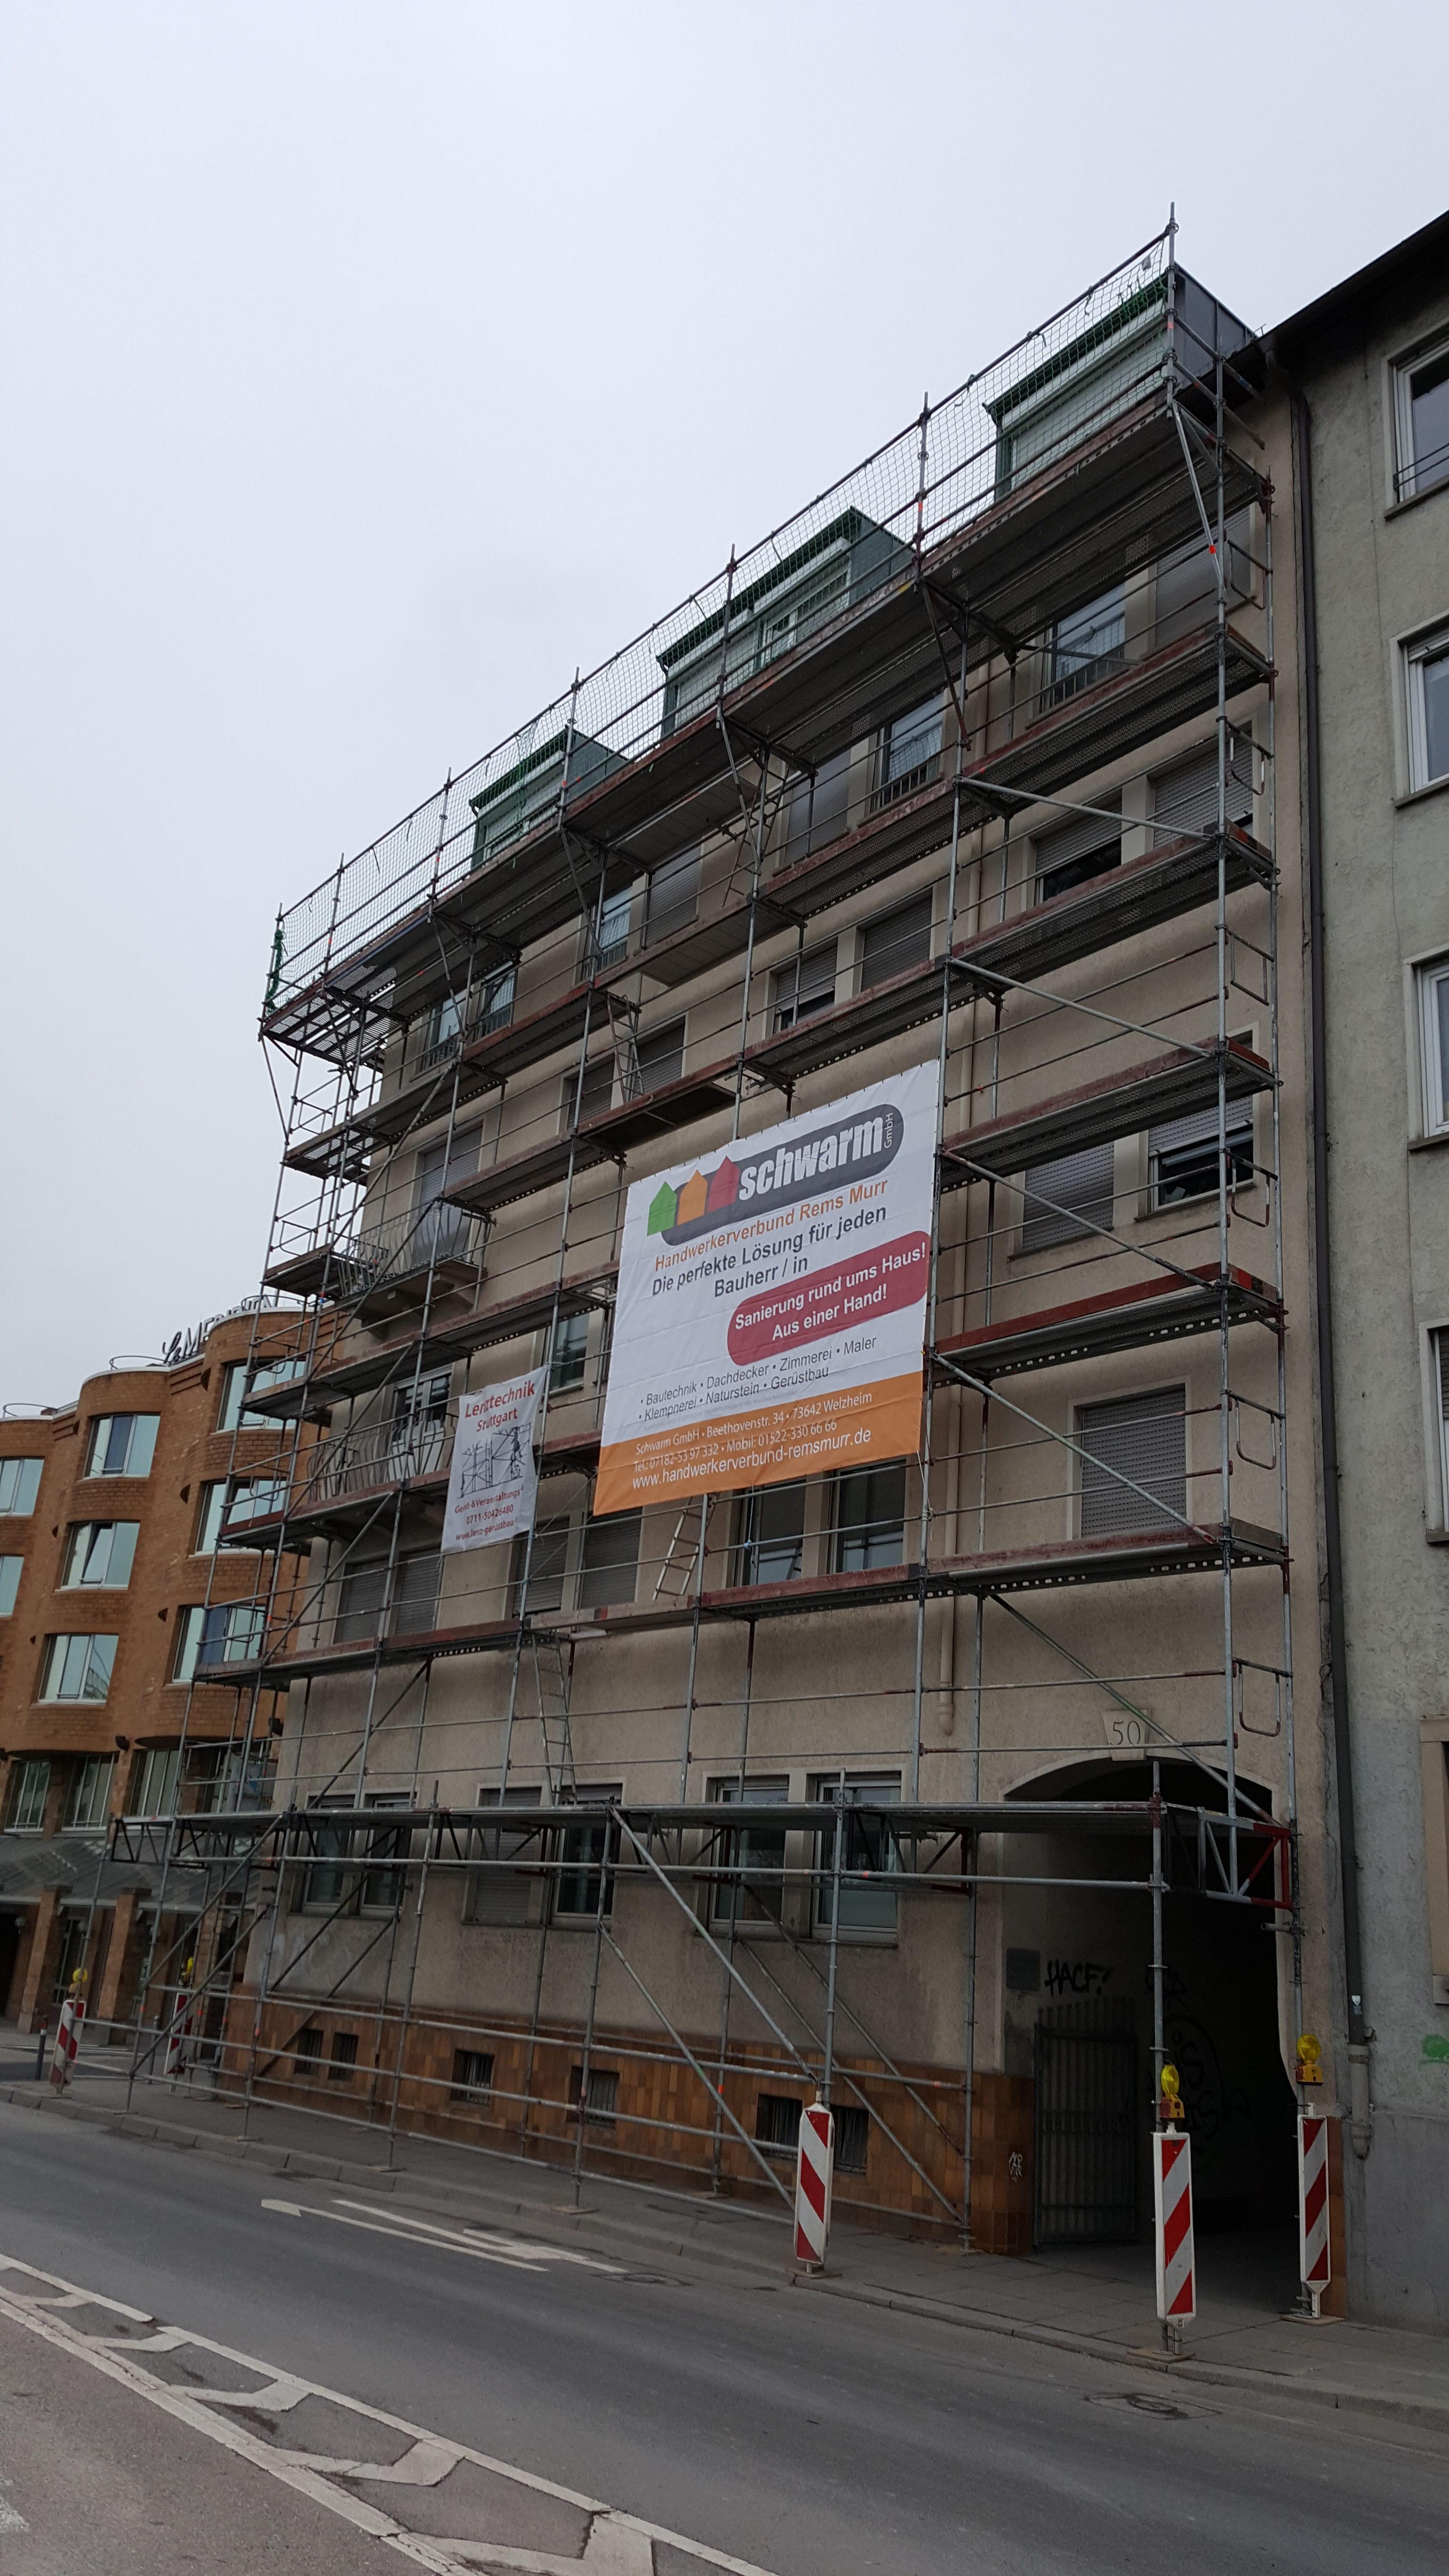 stuttgart-renovierung-sanierung-mehrfamilienhaus-2017-bauunternehmen-001